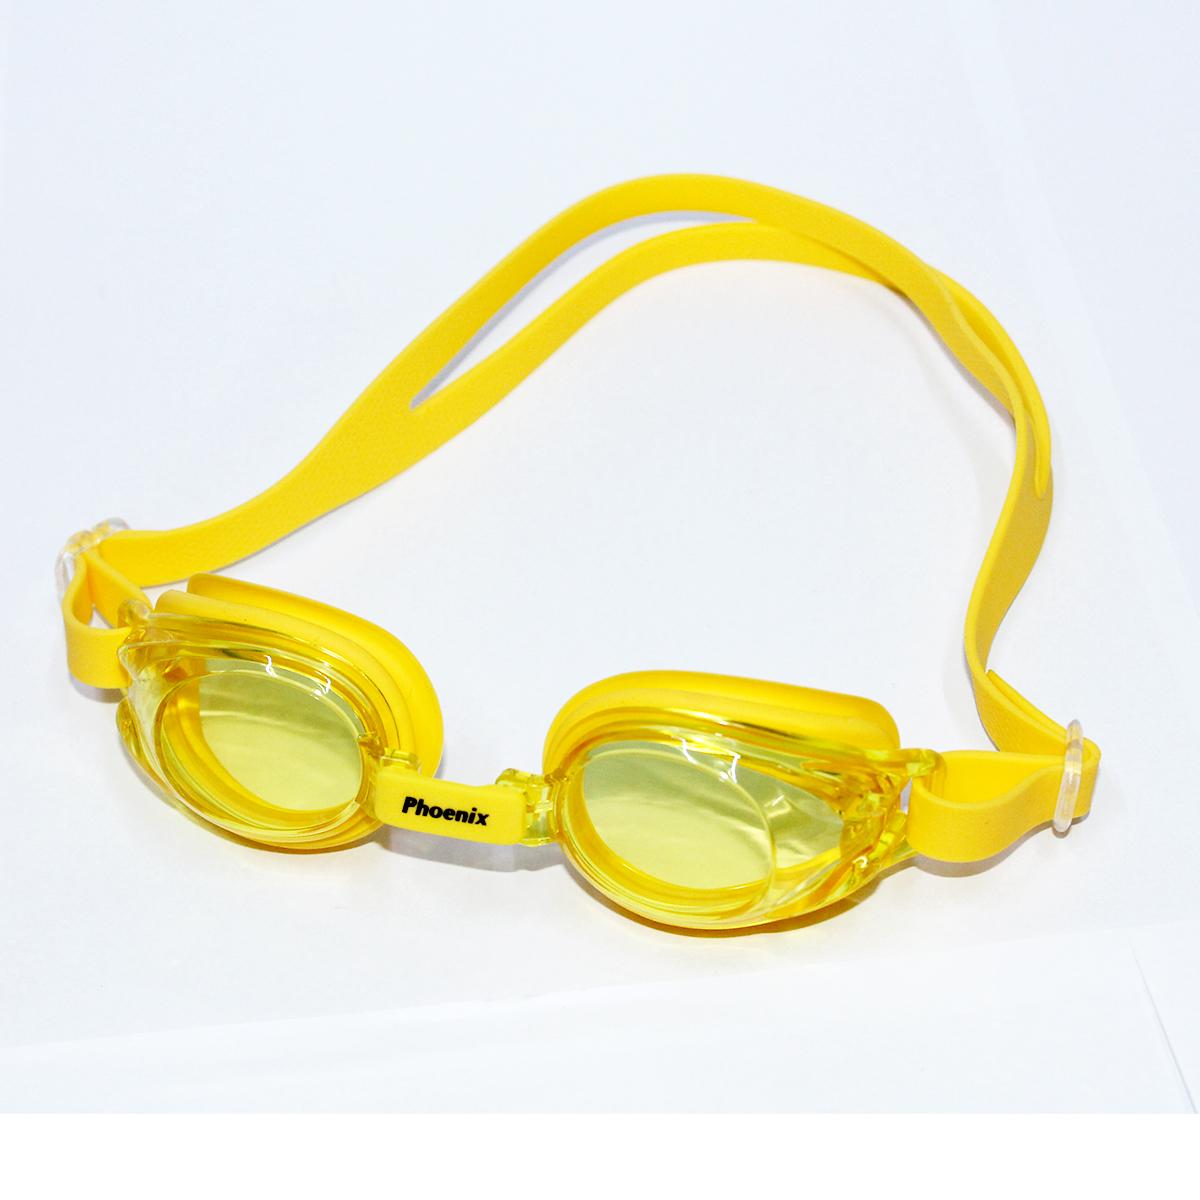 Kính bơi trẻ em PhoenixPN 506 màu vàng P506YL